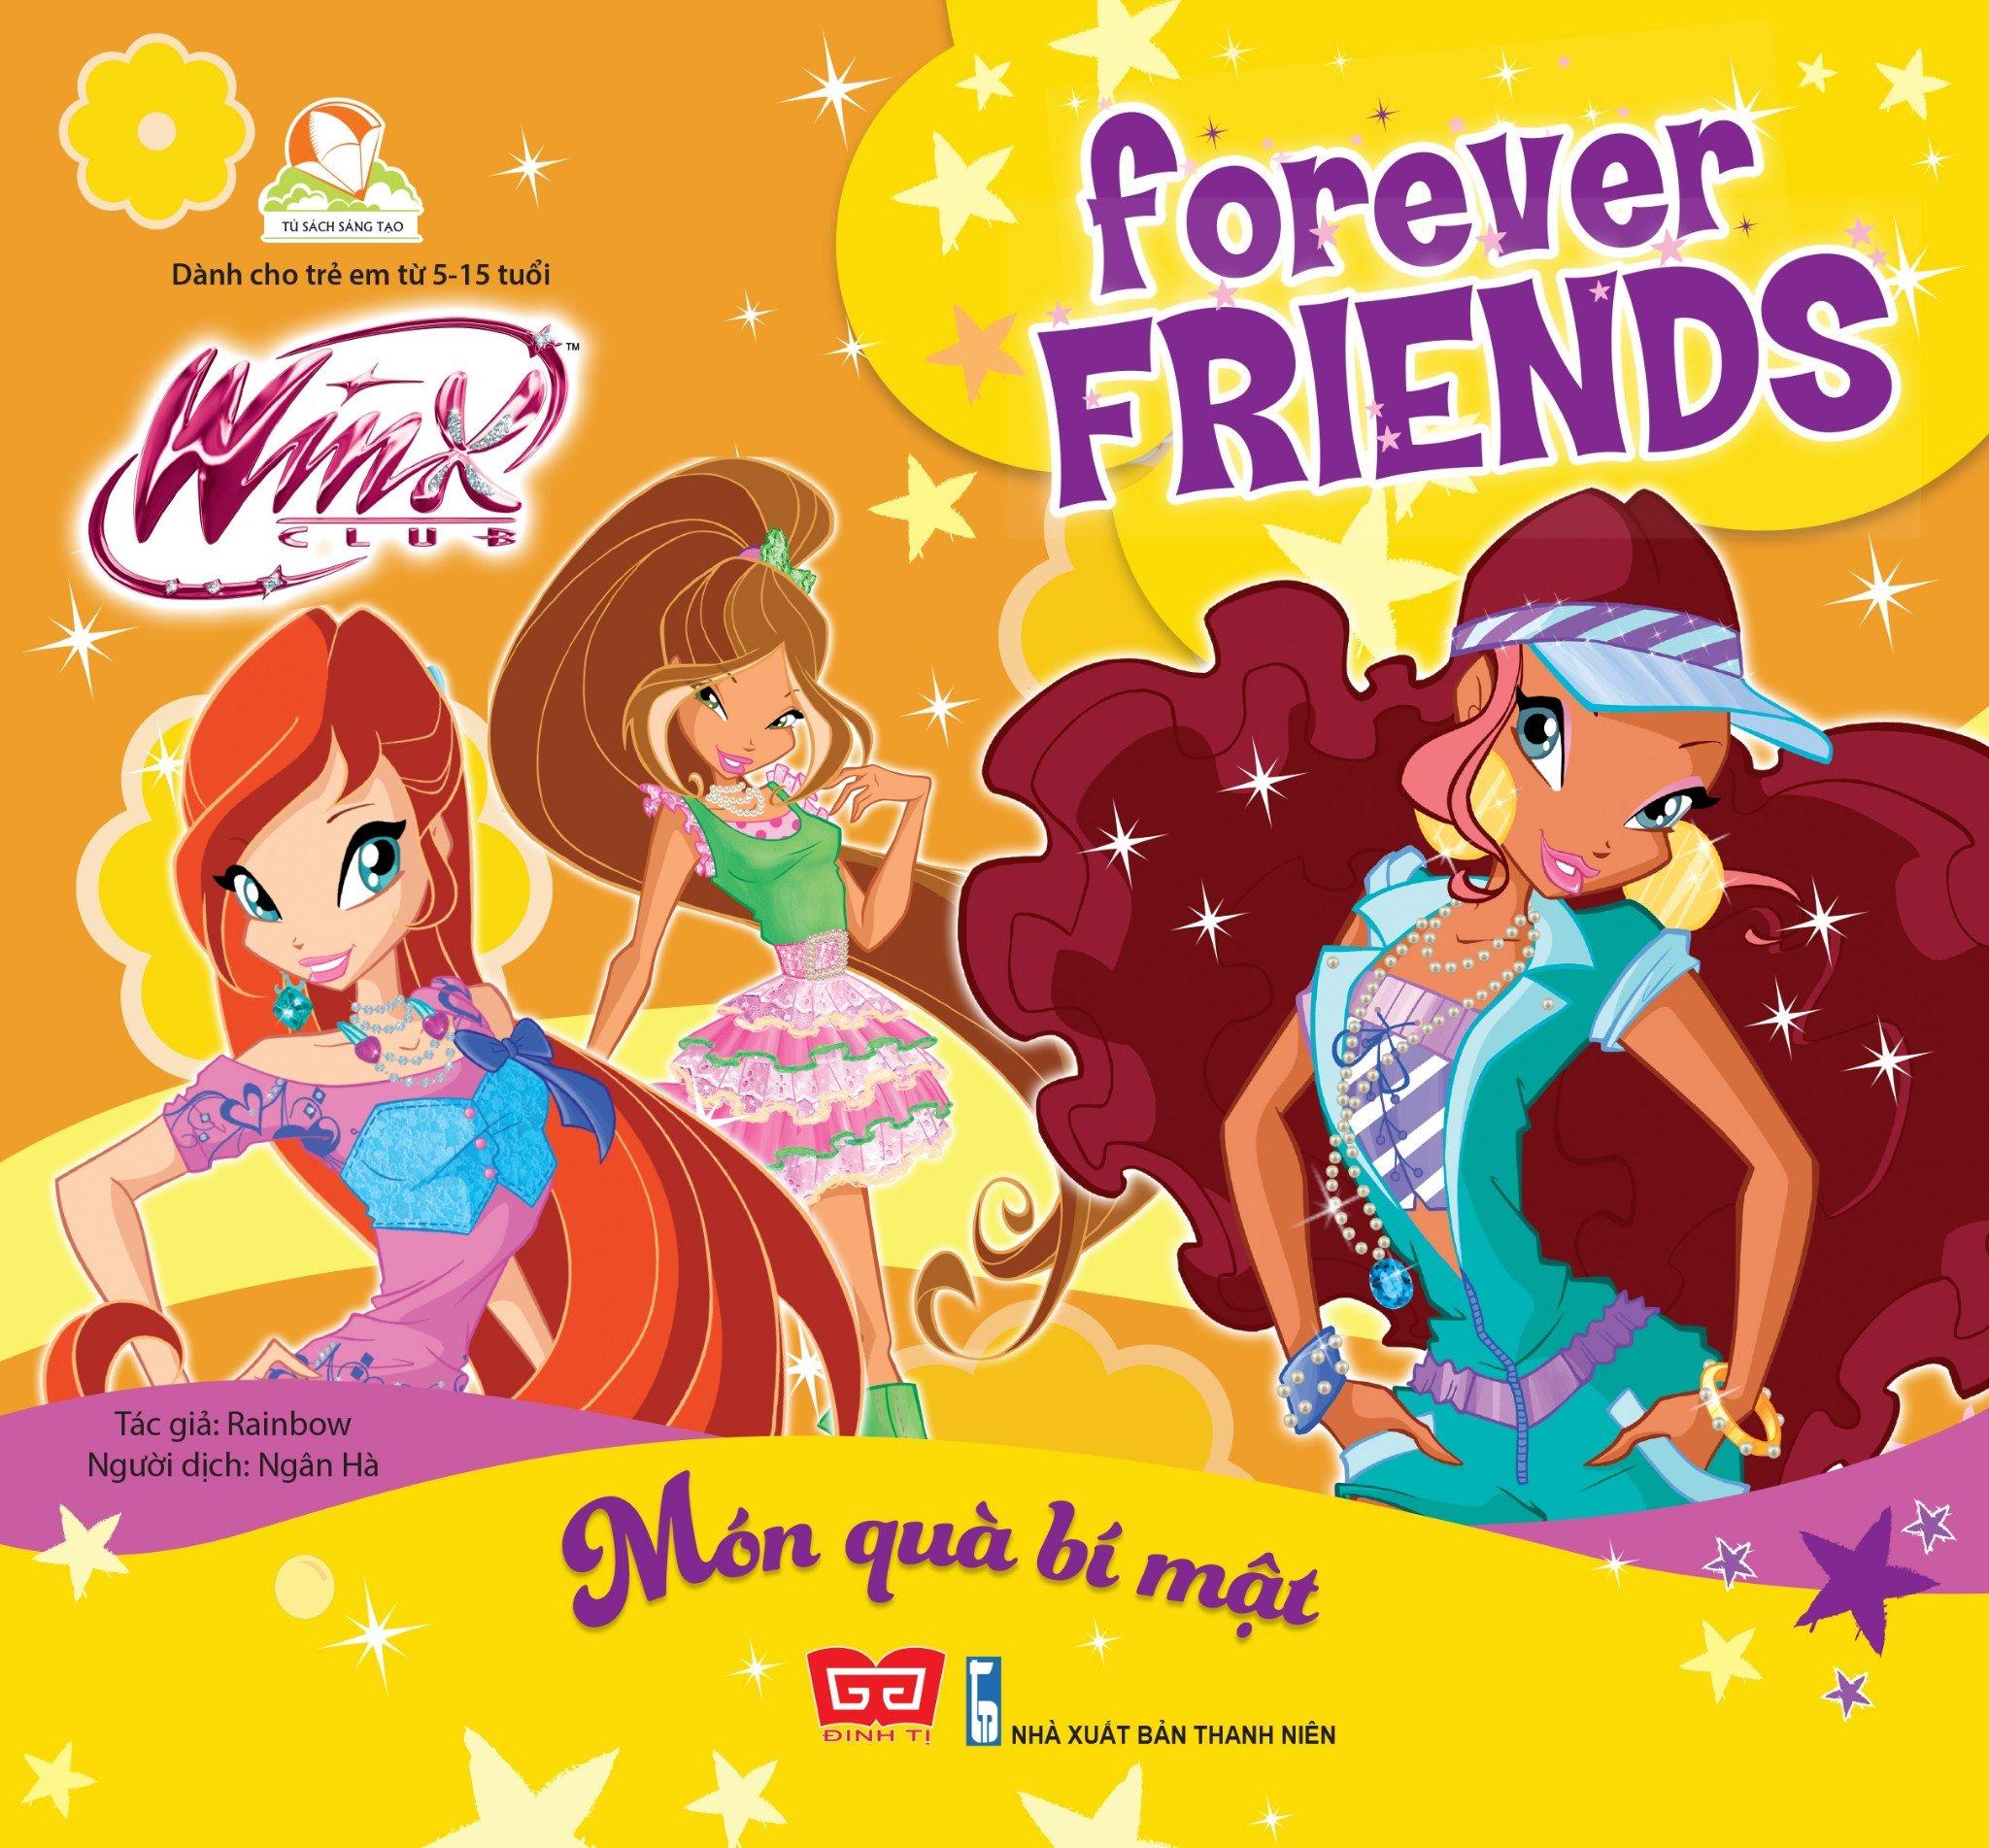 Winx club - Forever Friends - Món quà bí mật